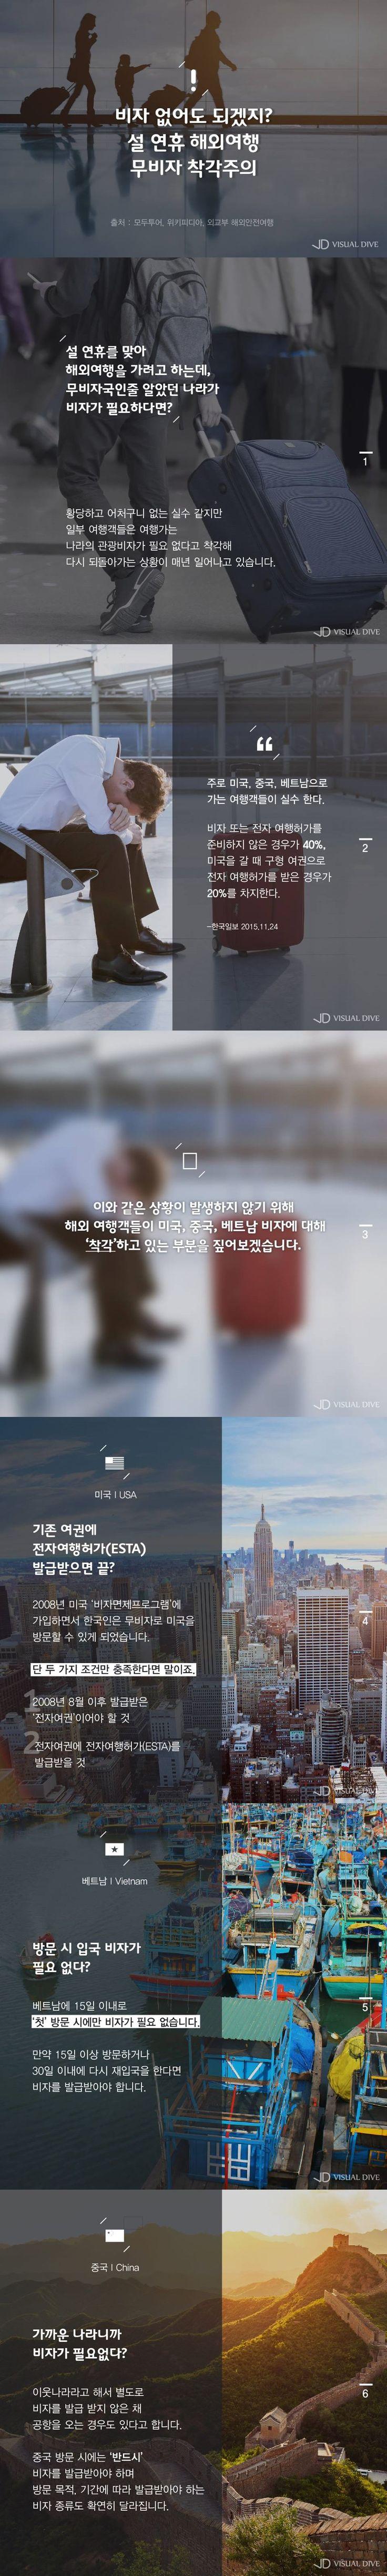 설 연휴 해외여행, 반드시 챙겨야 할 '이것' [인포그래픽] #Visa / #infograhpic ⓒ 비주얼다이브 무단 복사·전재·재배포 금지